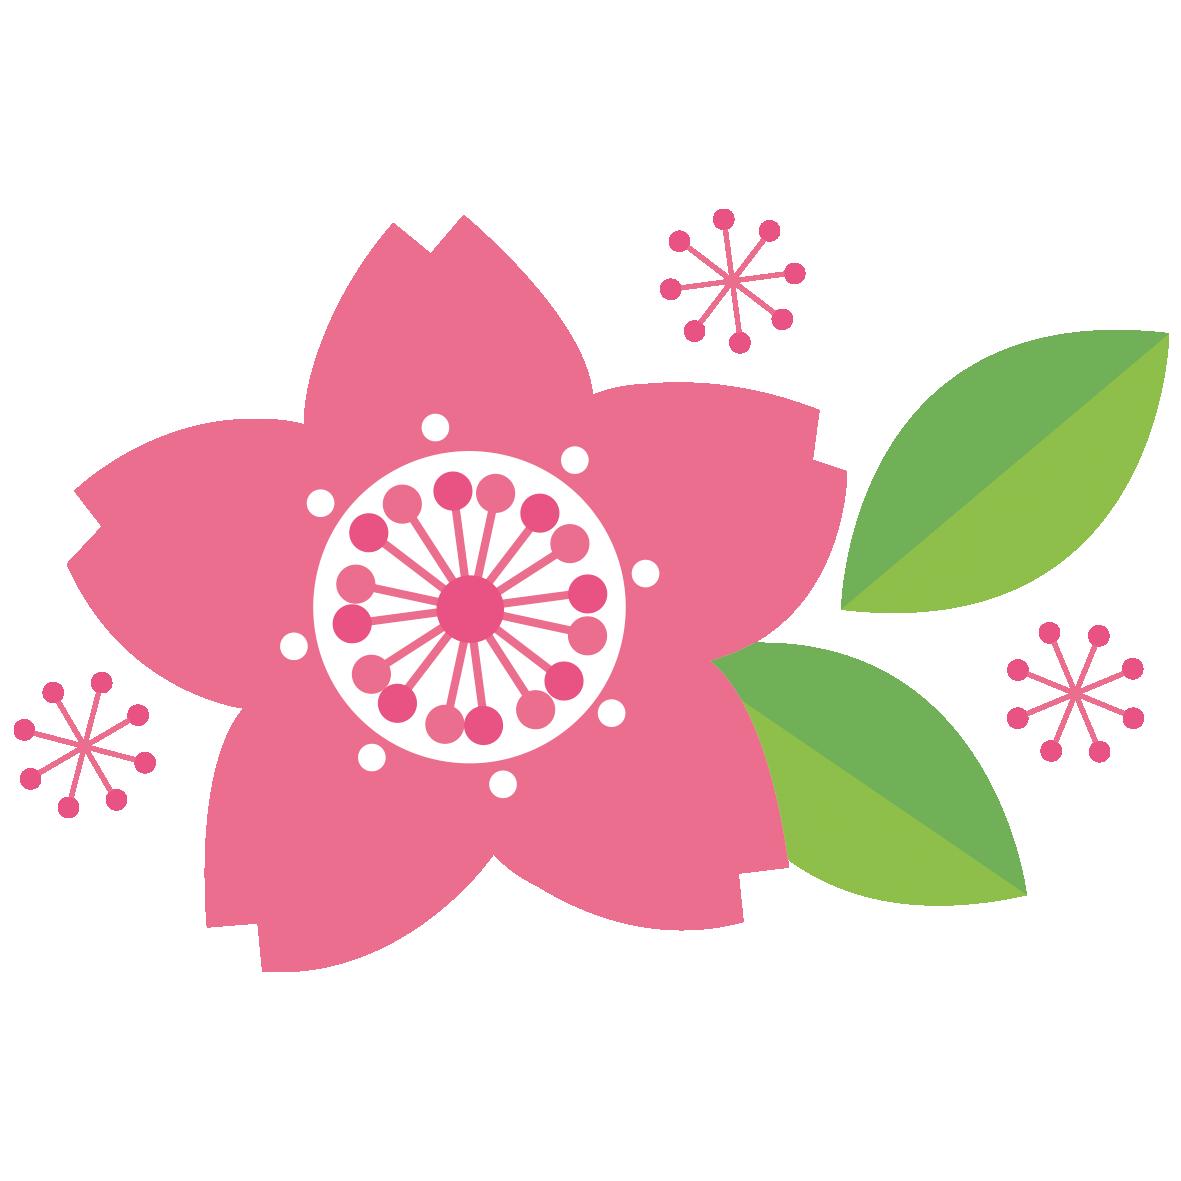 レトロな雰囲気がおしゃれなの桜の花 無料イラスト愛